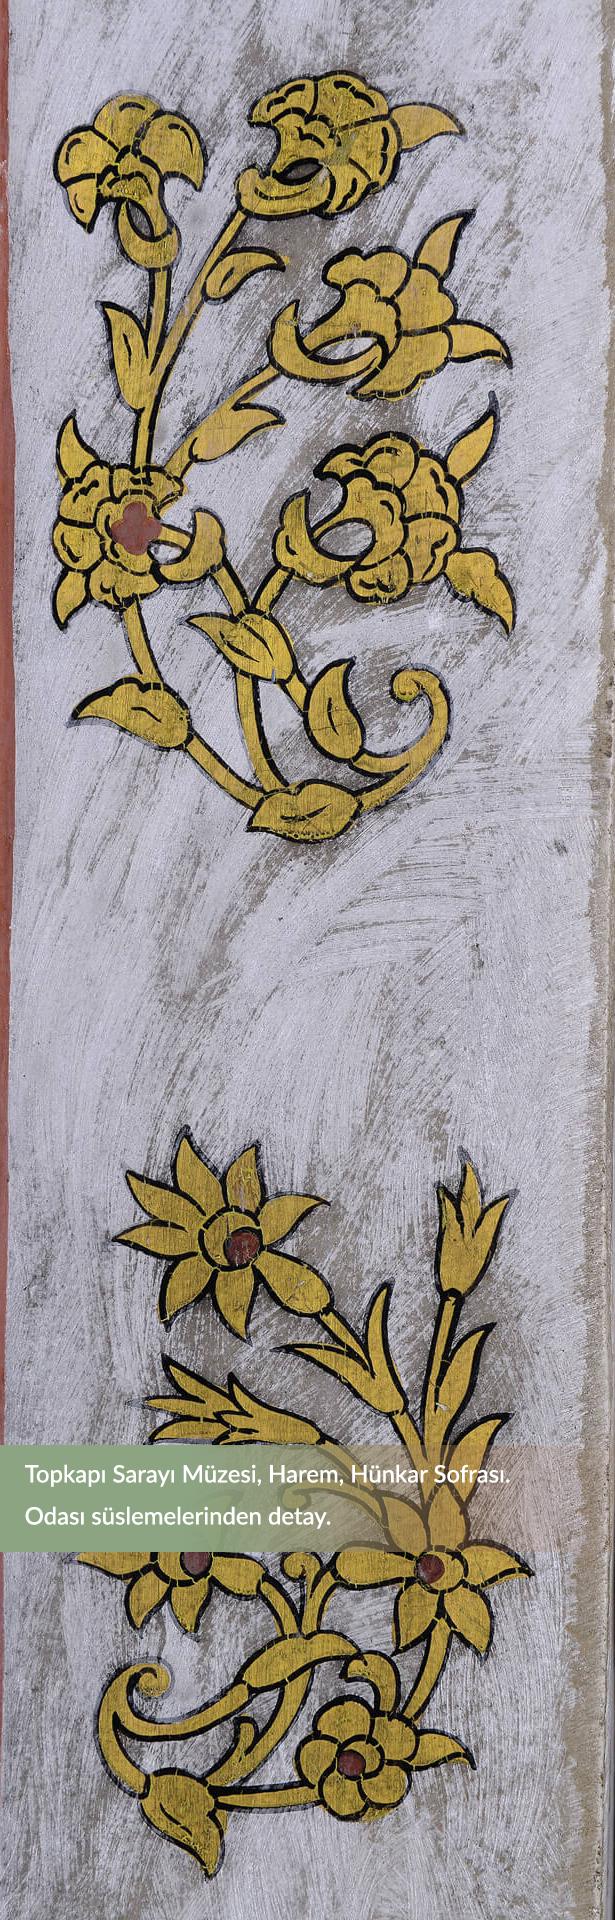 42180562f1df4 Kanunî Sultan Süleyman zamanını izleyen dönemlerde sarayın ve halkın günlük  yaşamında kullanılan eşyalardaki süslemelerin de çoğunda çiçek motifleri  vardır.